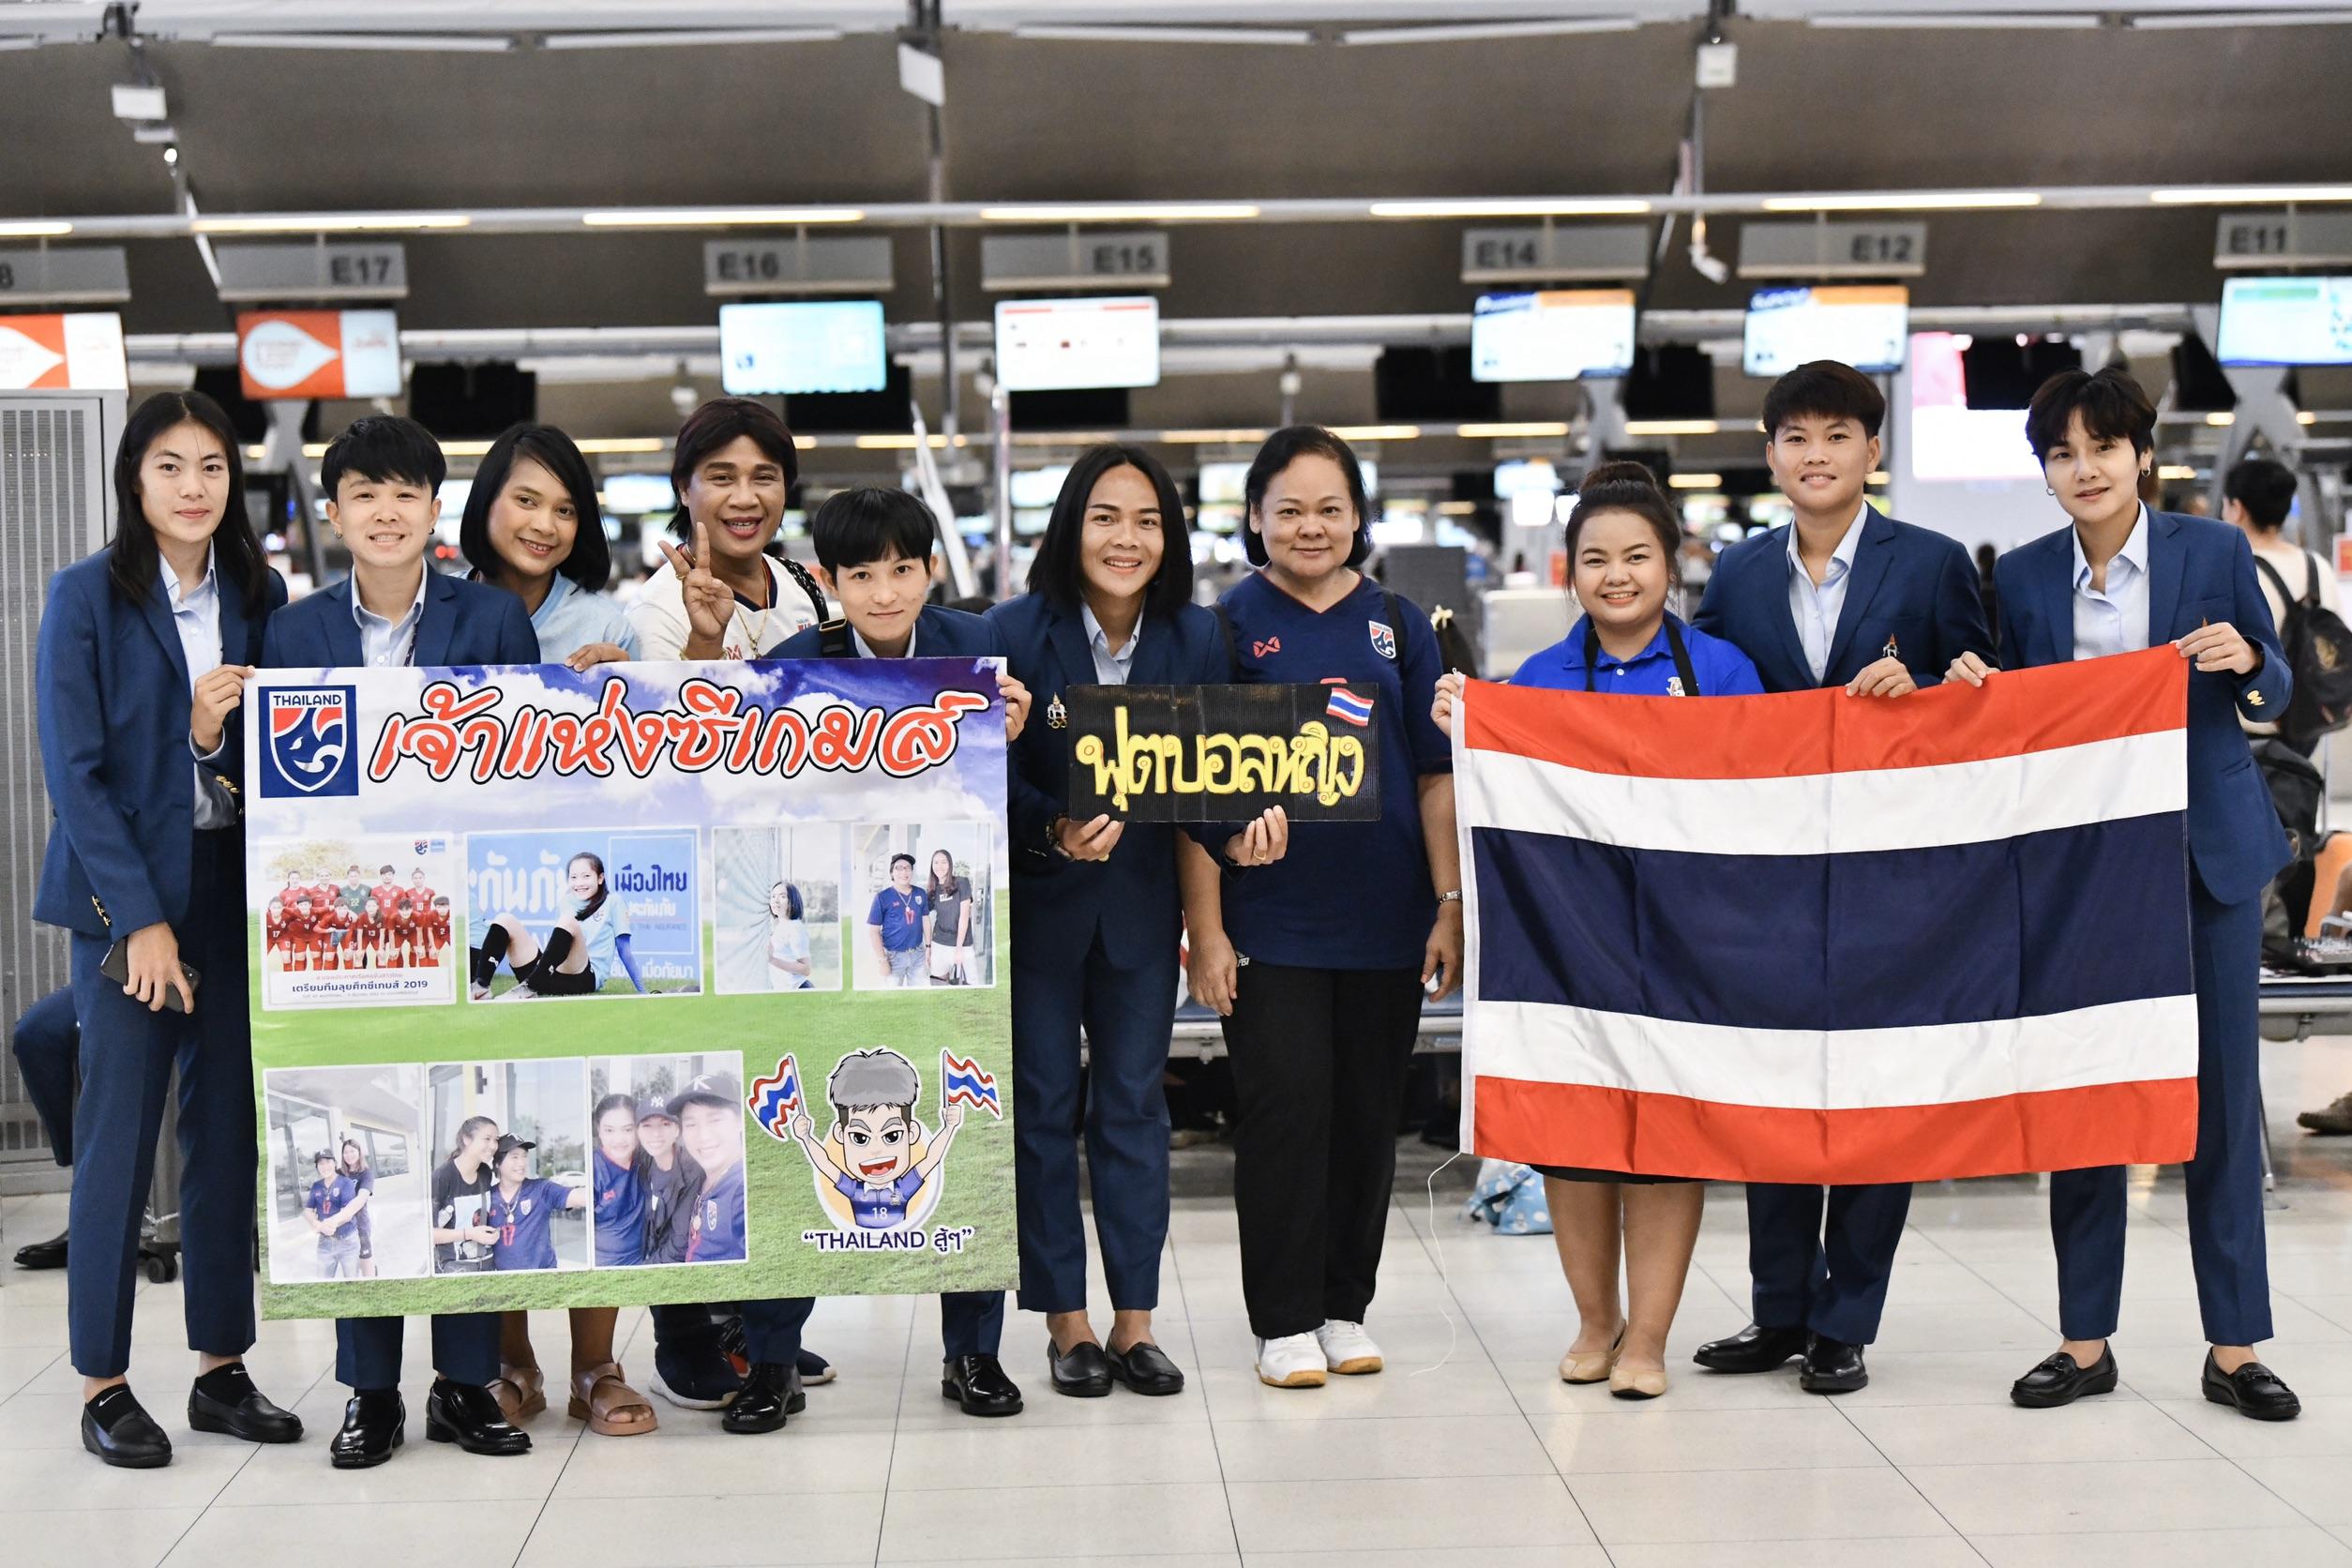 ซีเกมส์2019 ทีมฟุตยอลหญิงทีมชาติไทย